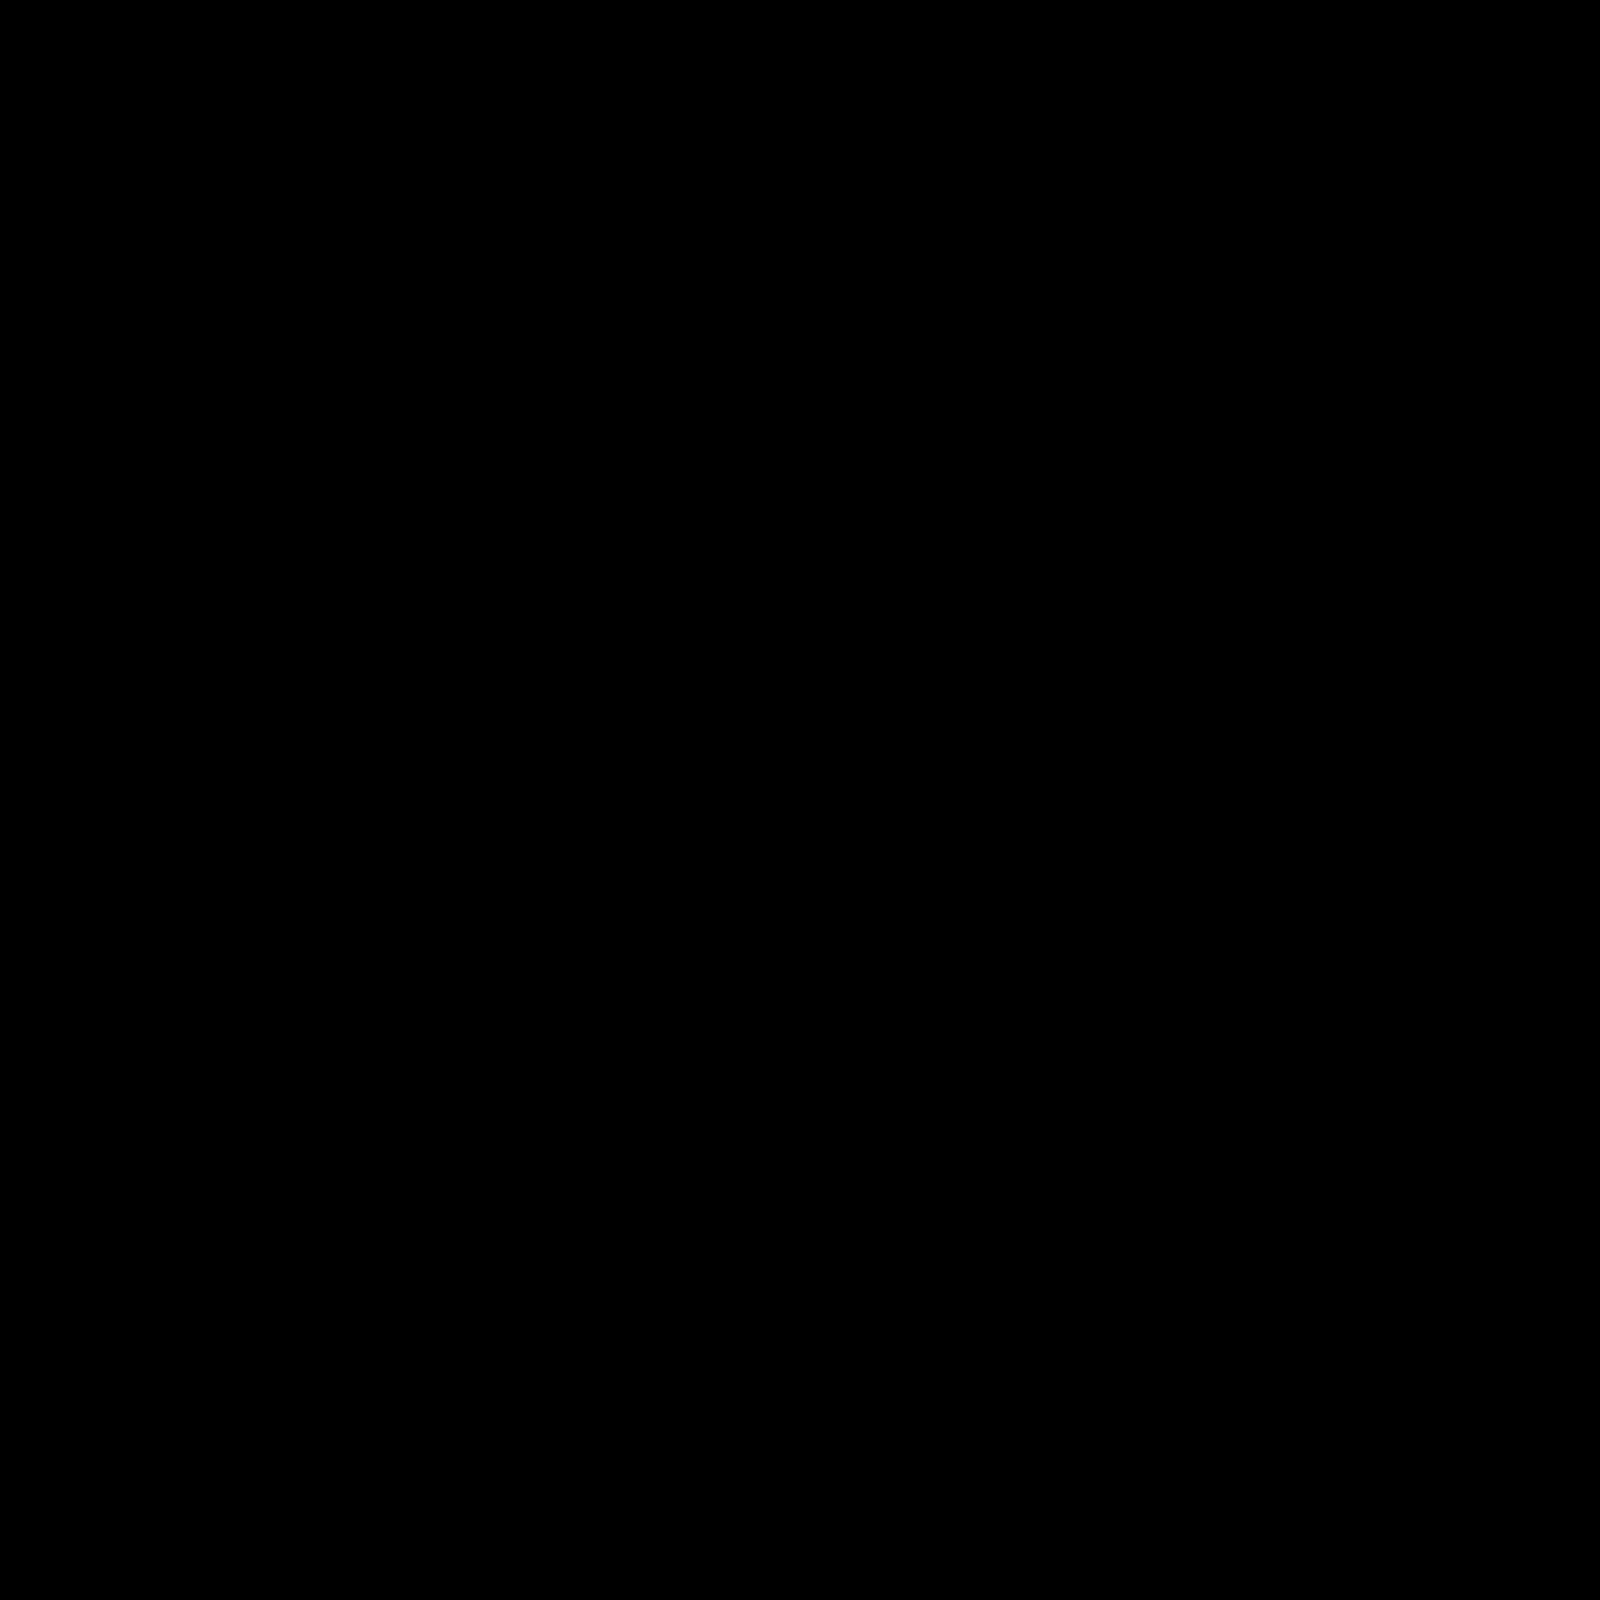 虾 icon